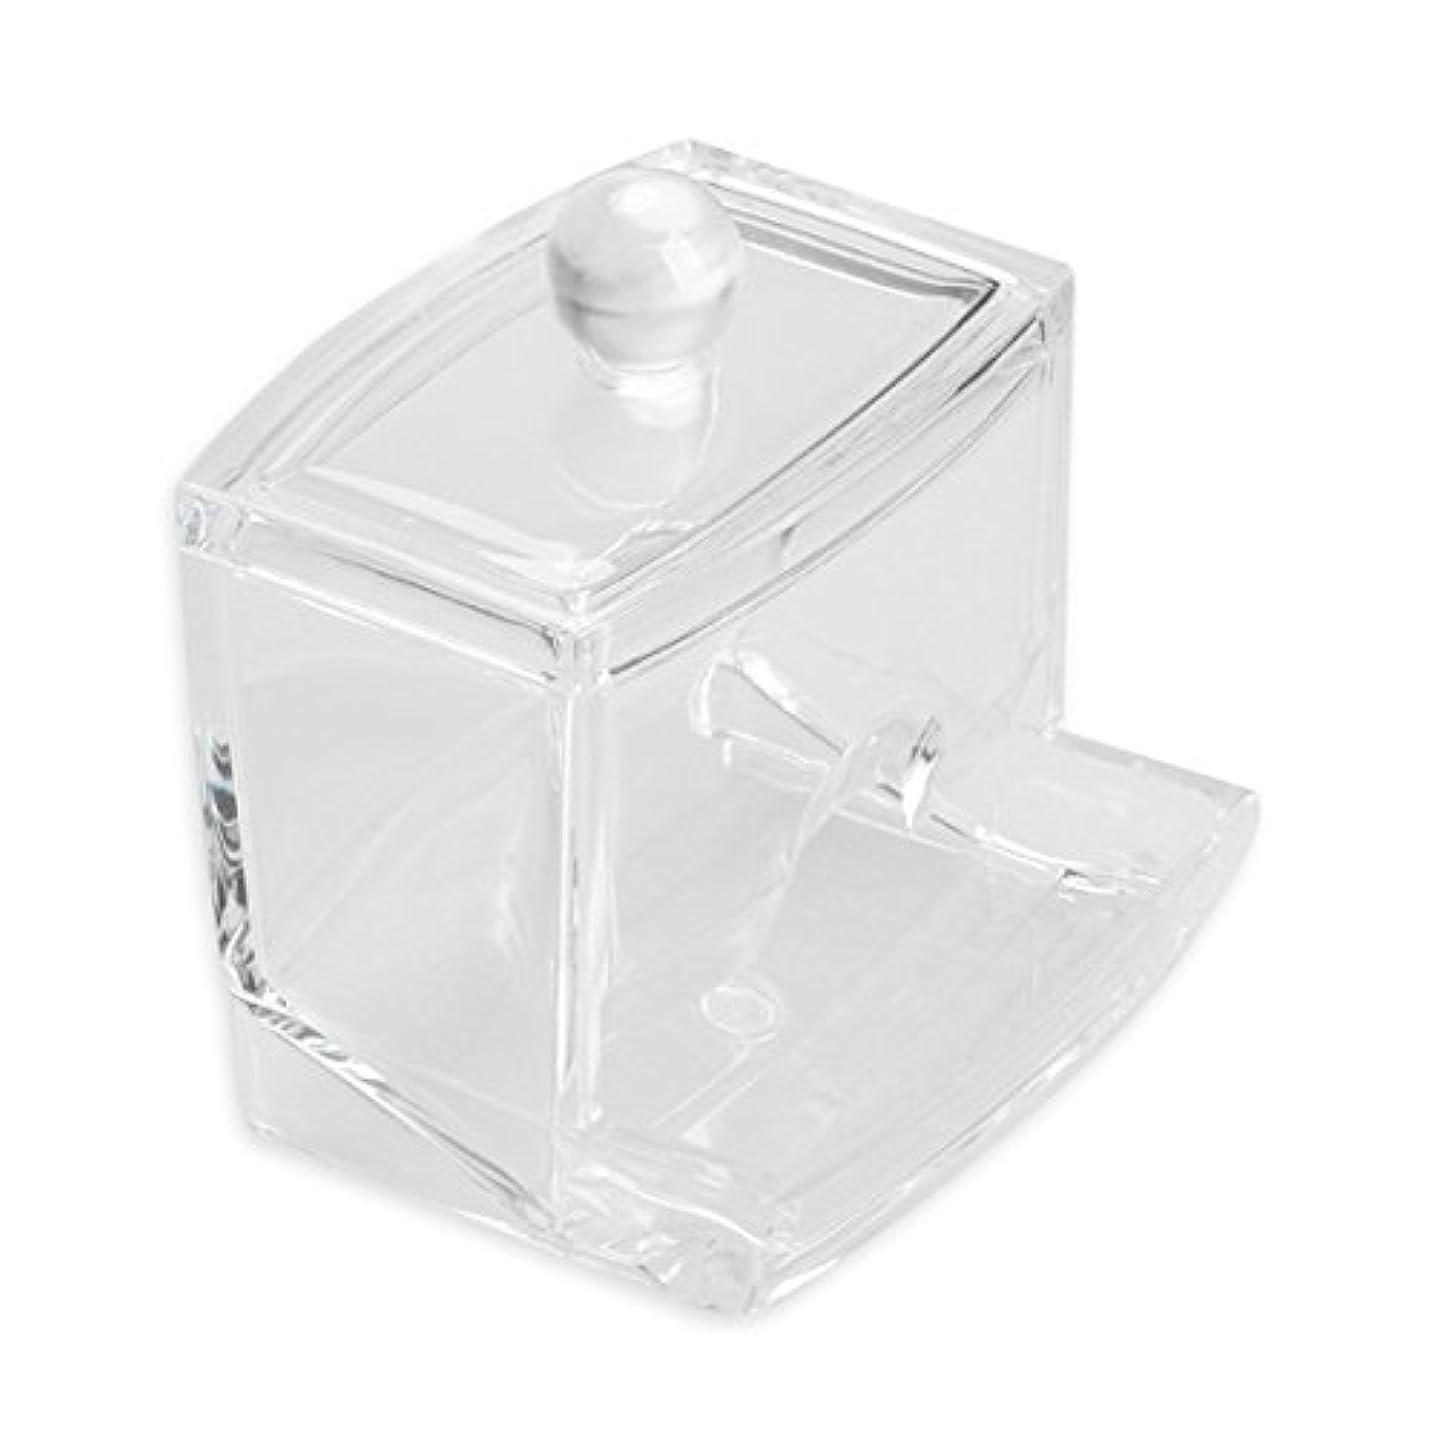 送る着実にピーブxlp コットン収納ボックス 透明 コットンスティック メイクボックス 綿棒収納ボックス 多機能 小物入れ クリア アクリル